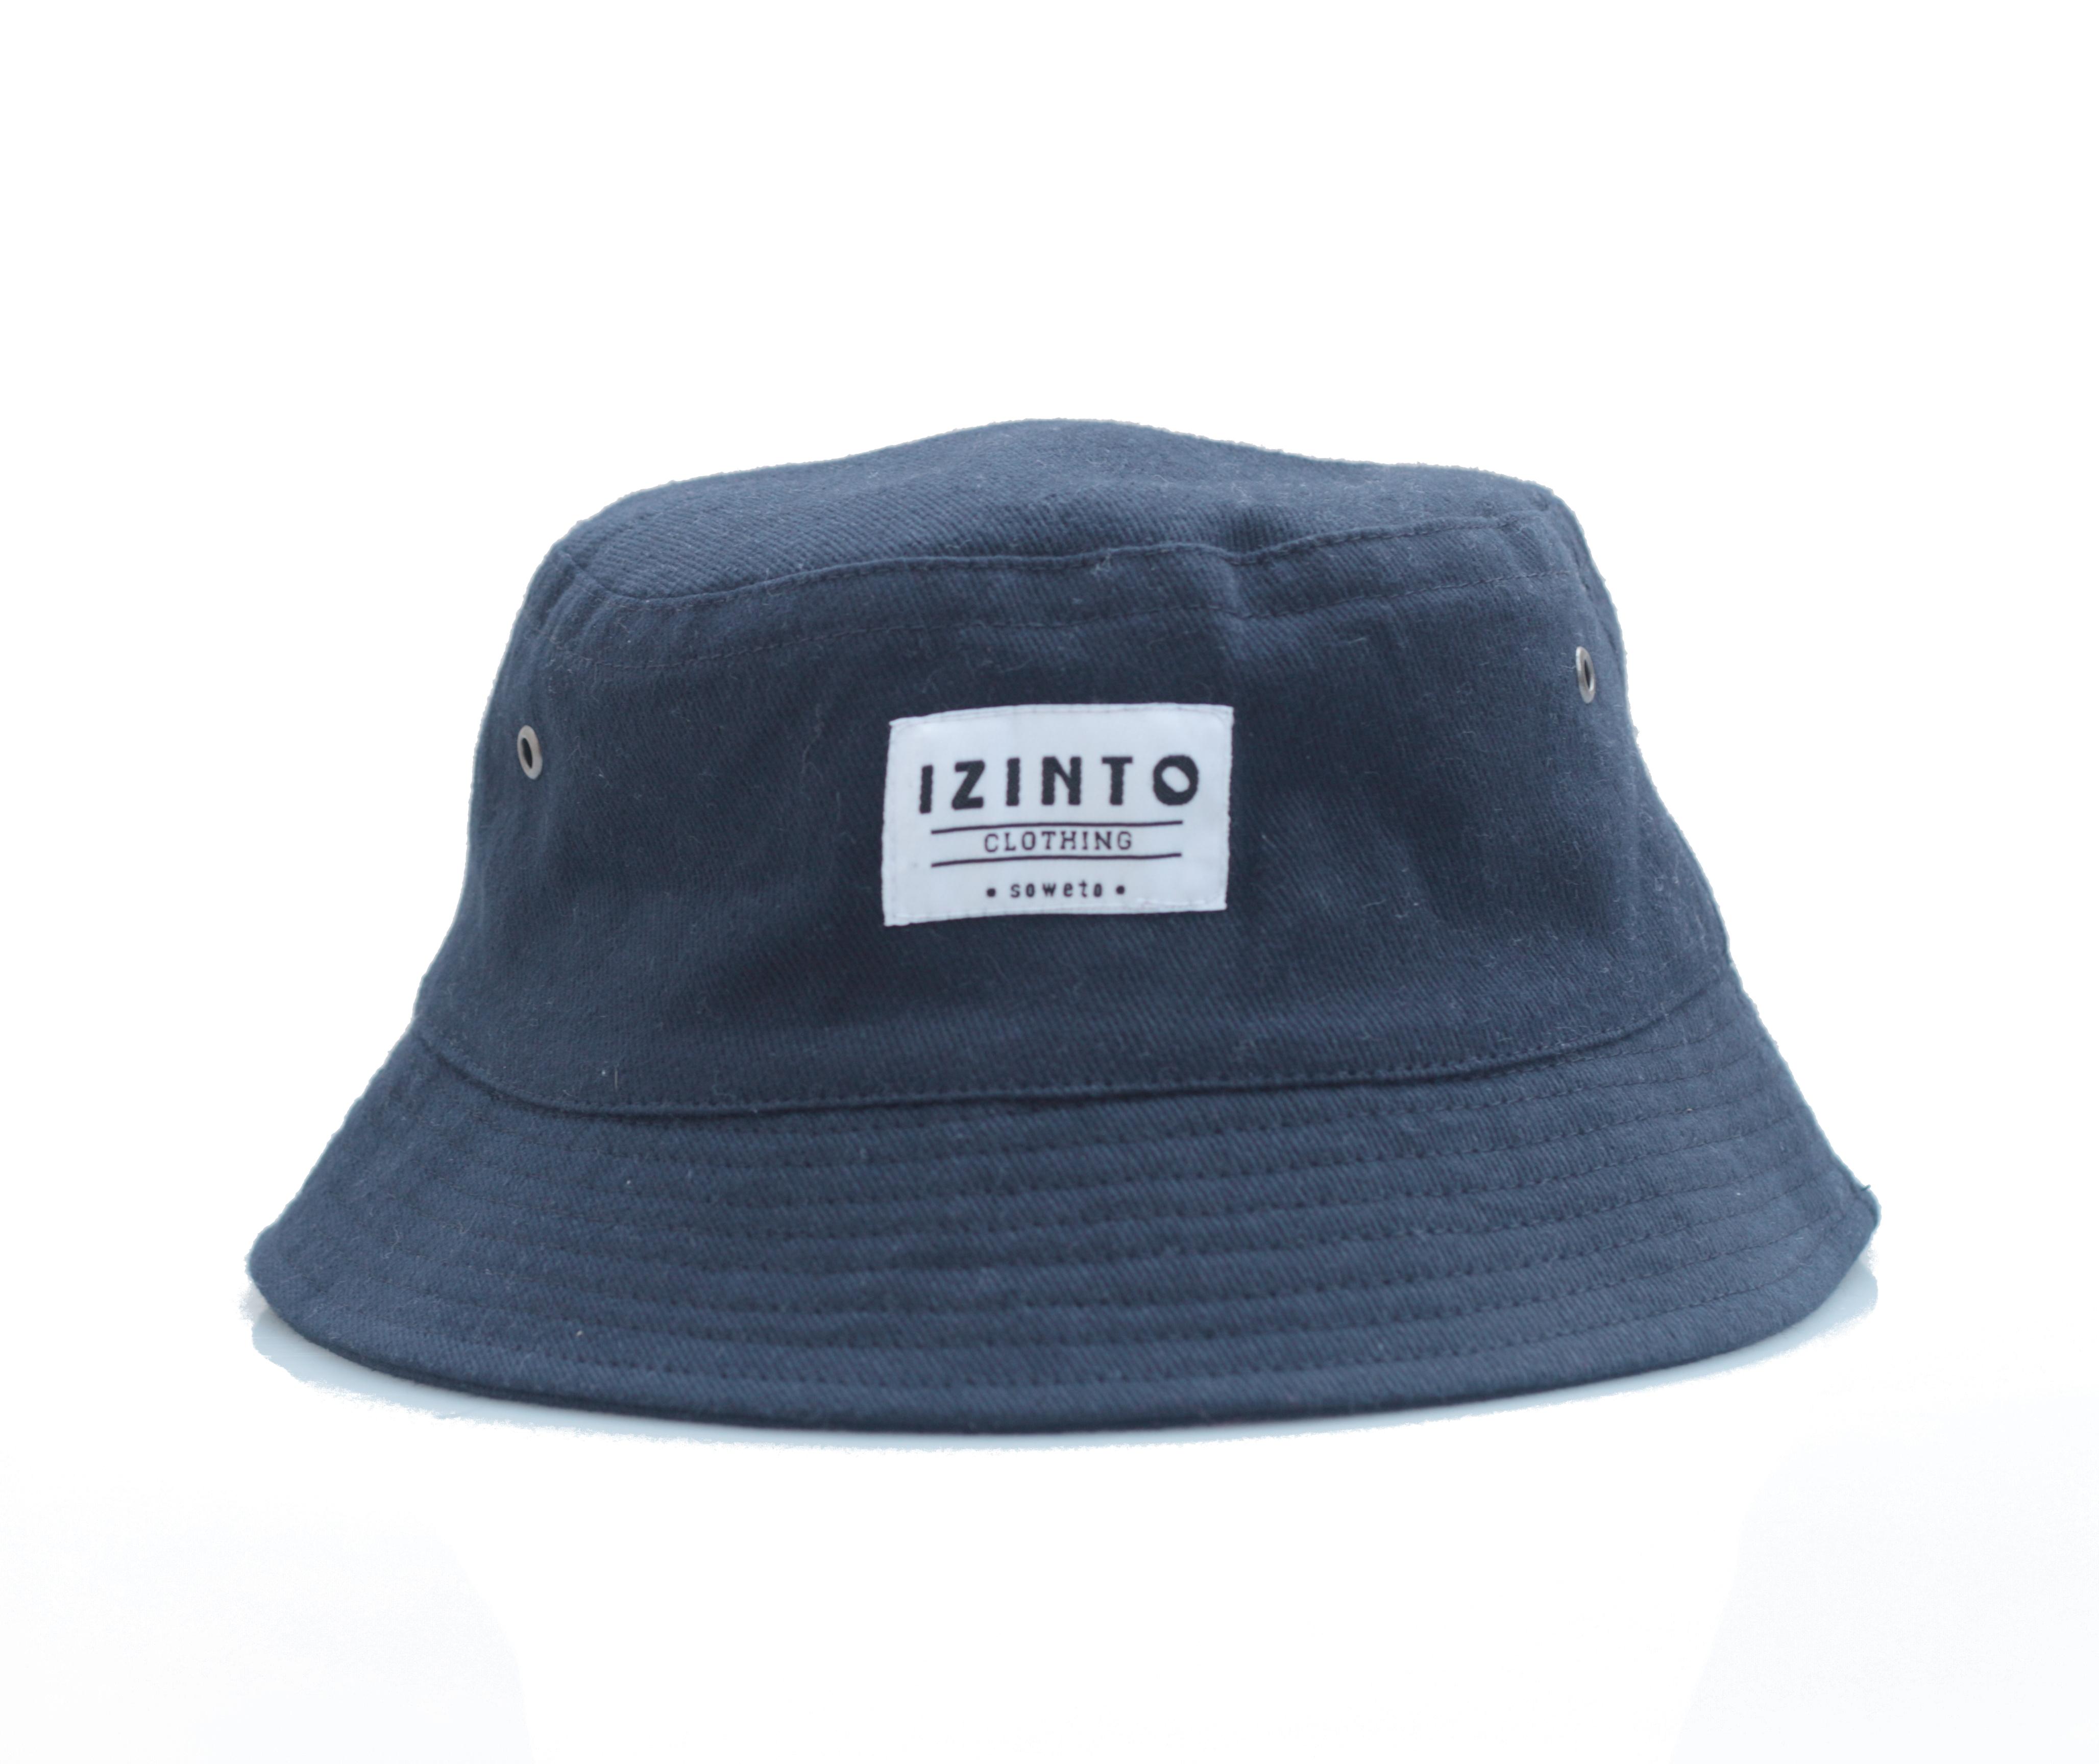 Navy Brushed Cotton Bucket Hat - Izinto Clothing 957e2a1bfeb